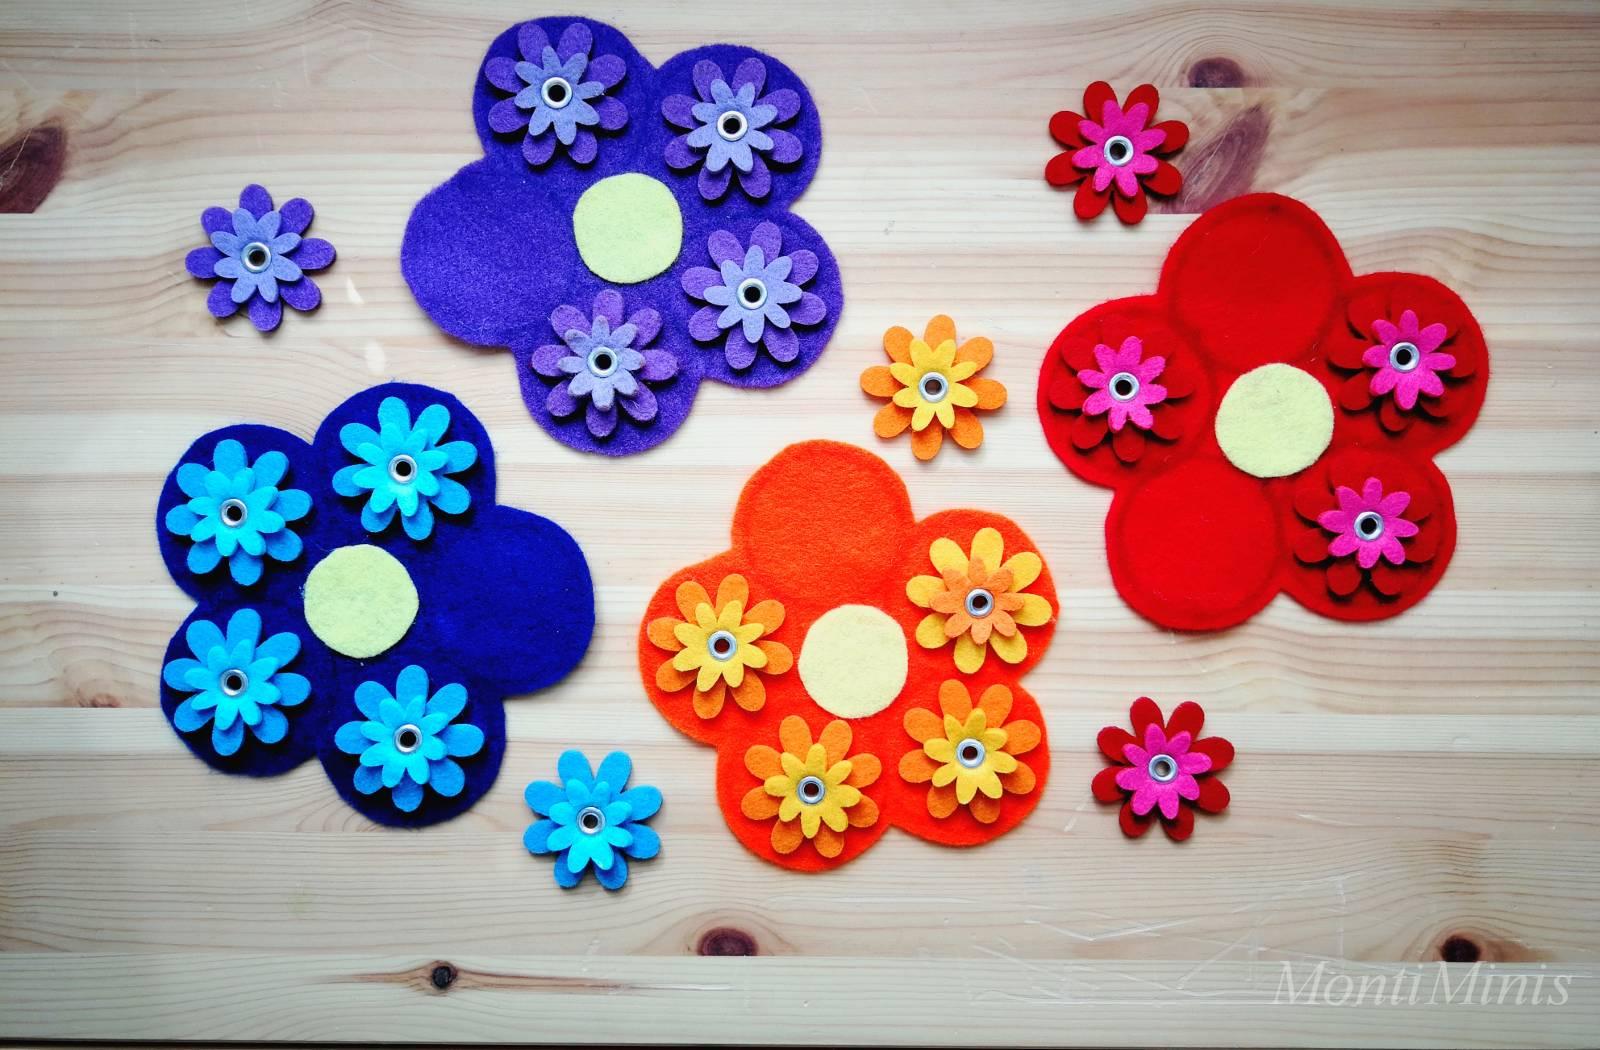 DIY-Farbspiel: Blumen finden und sortieren